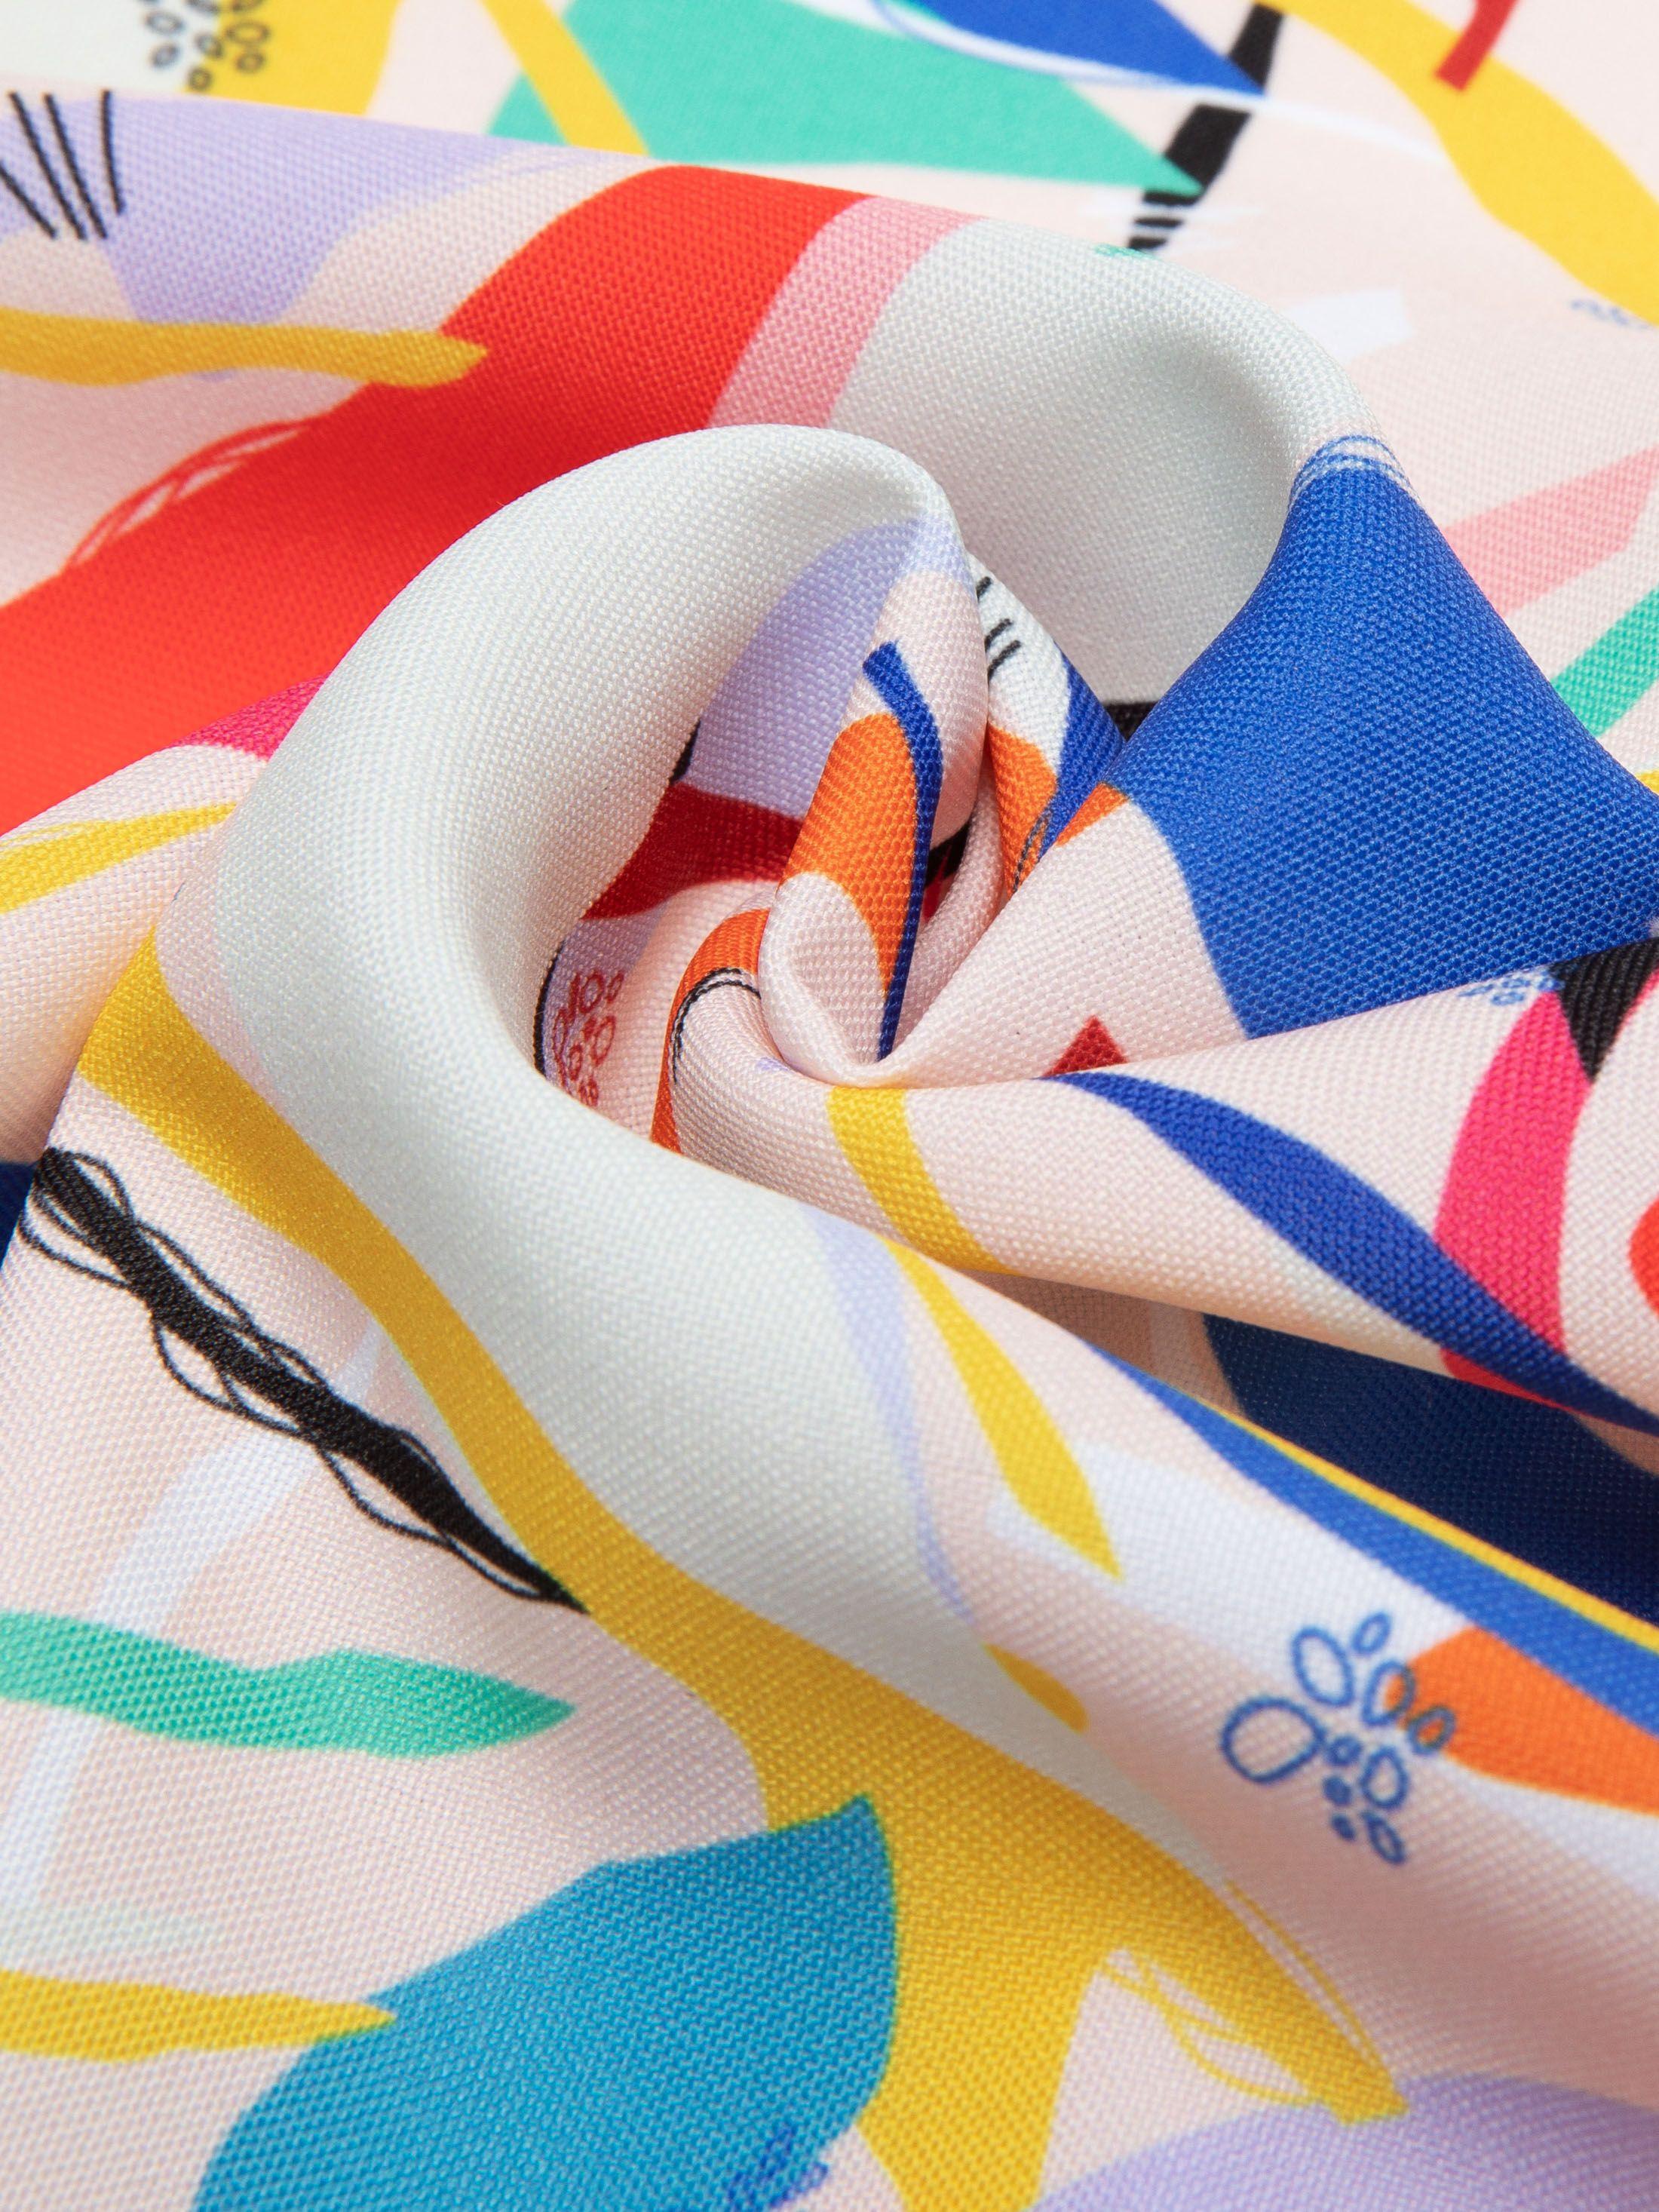 custom printing on panama fabric